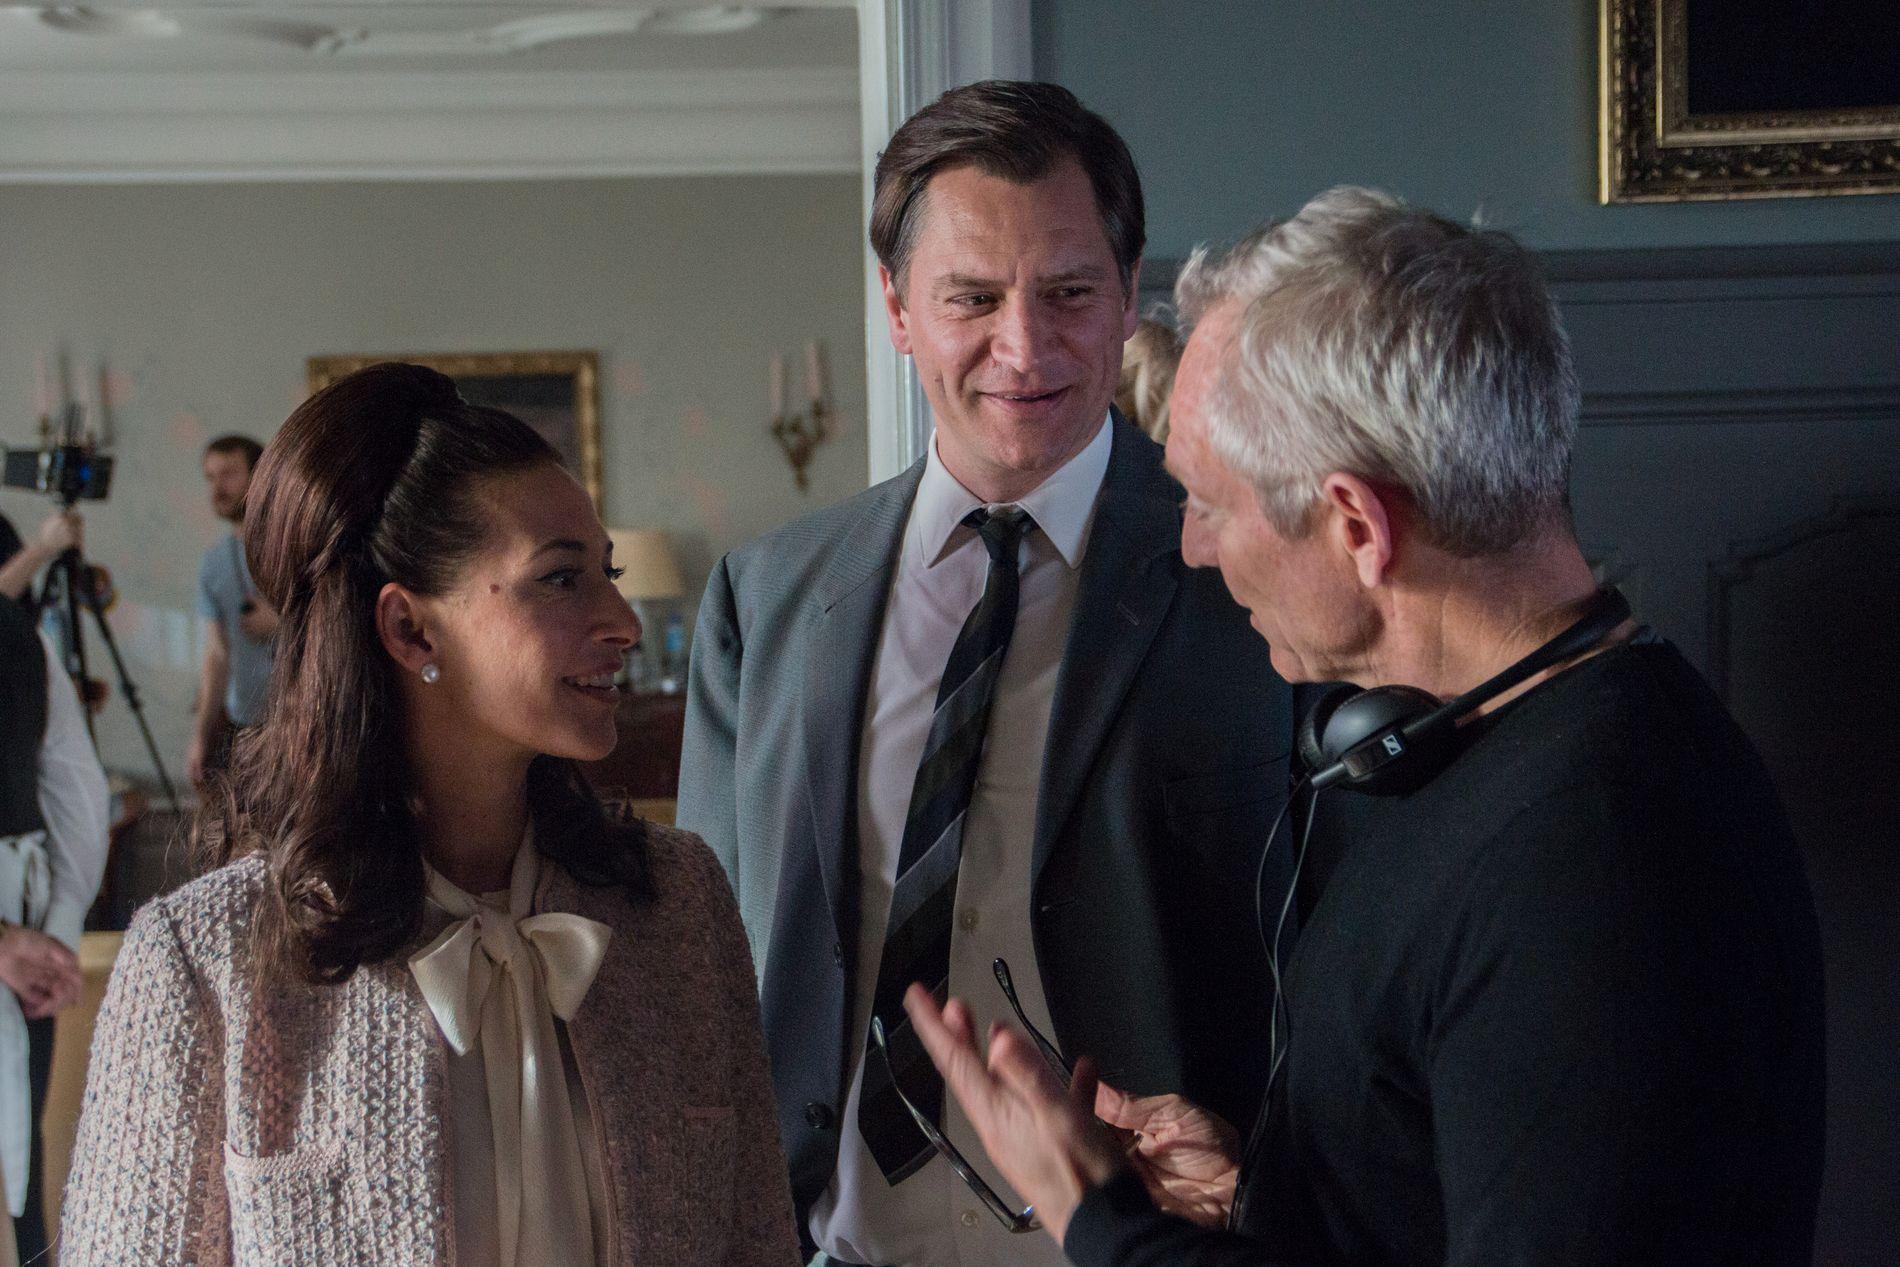 UNDER INNSPILLING: Første sesong av serien «Lykkeland» har startet innspillingen. Pia Tjelta og Per Kjerstad instrueres av regissør Petter Næss.